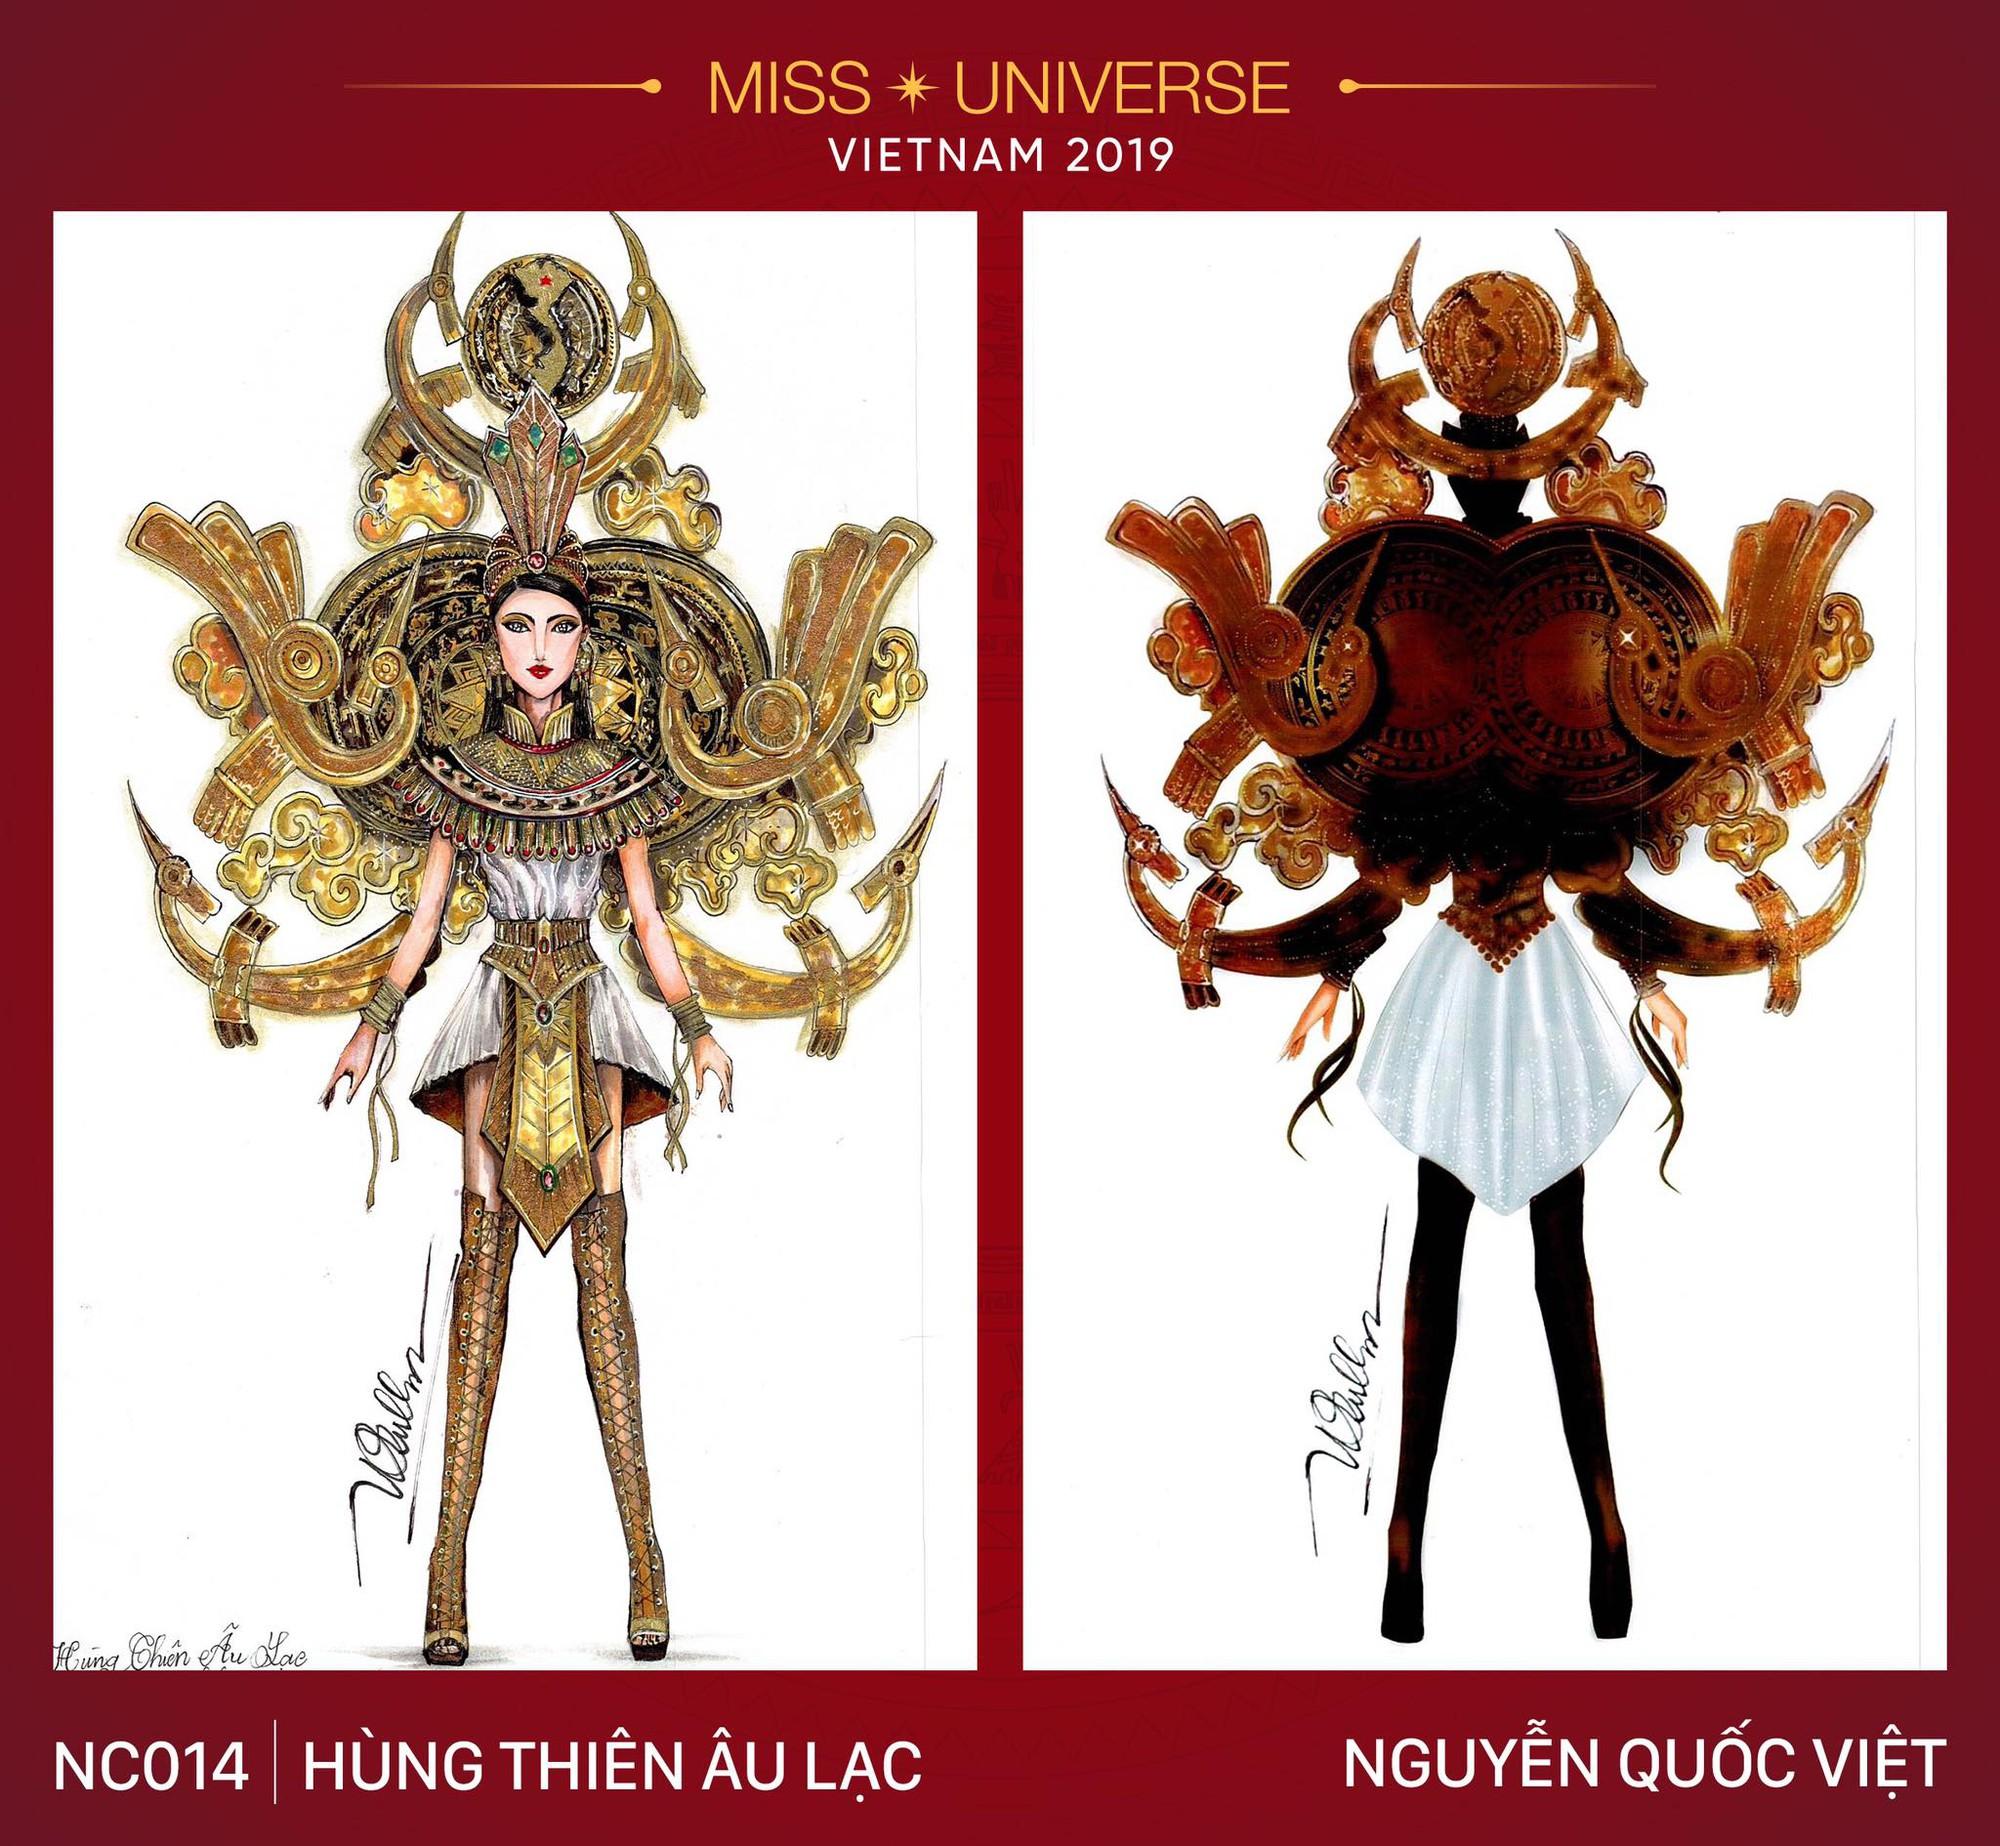 15 ý tưởng táo bạo dễ khiến Hoàng Thùy lọt Top tại Miss Universe 2019 - Ảnh 6.